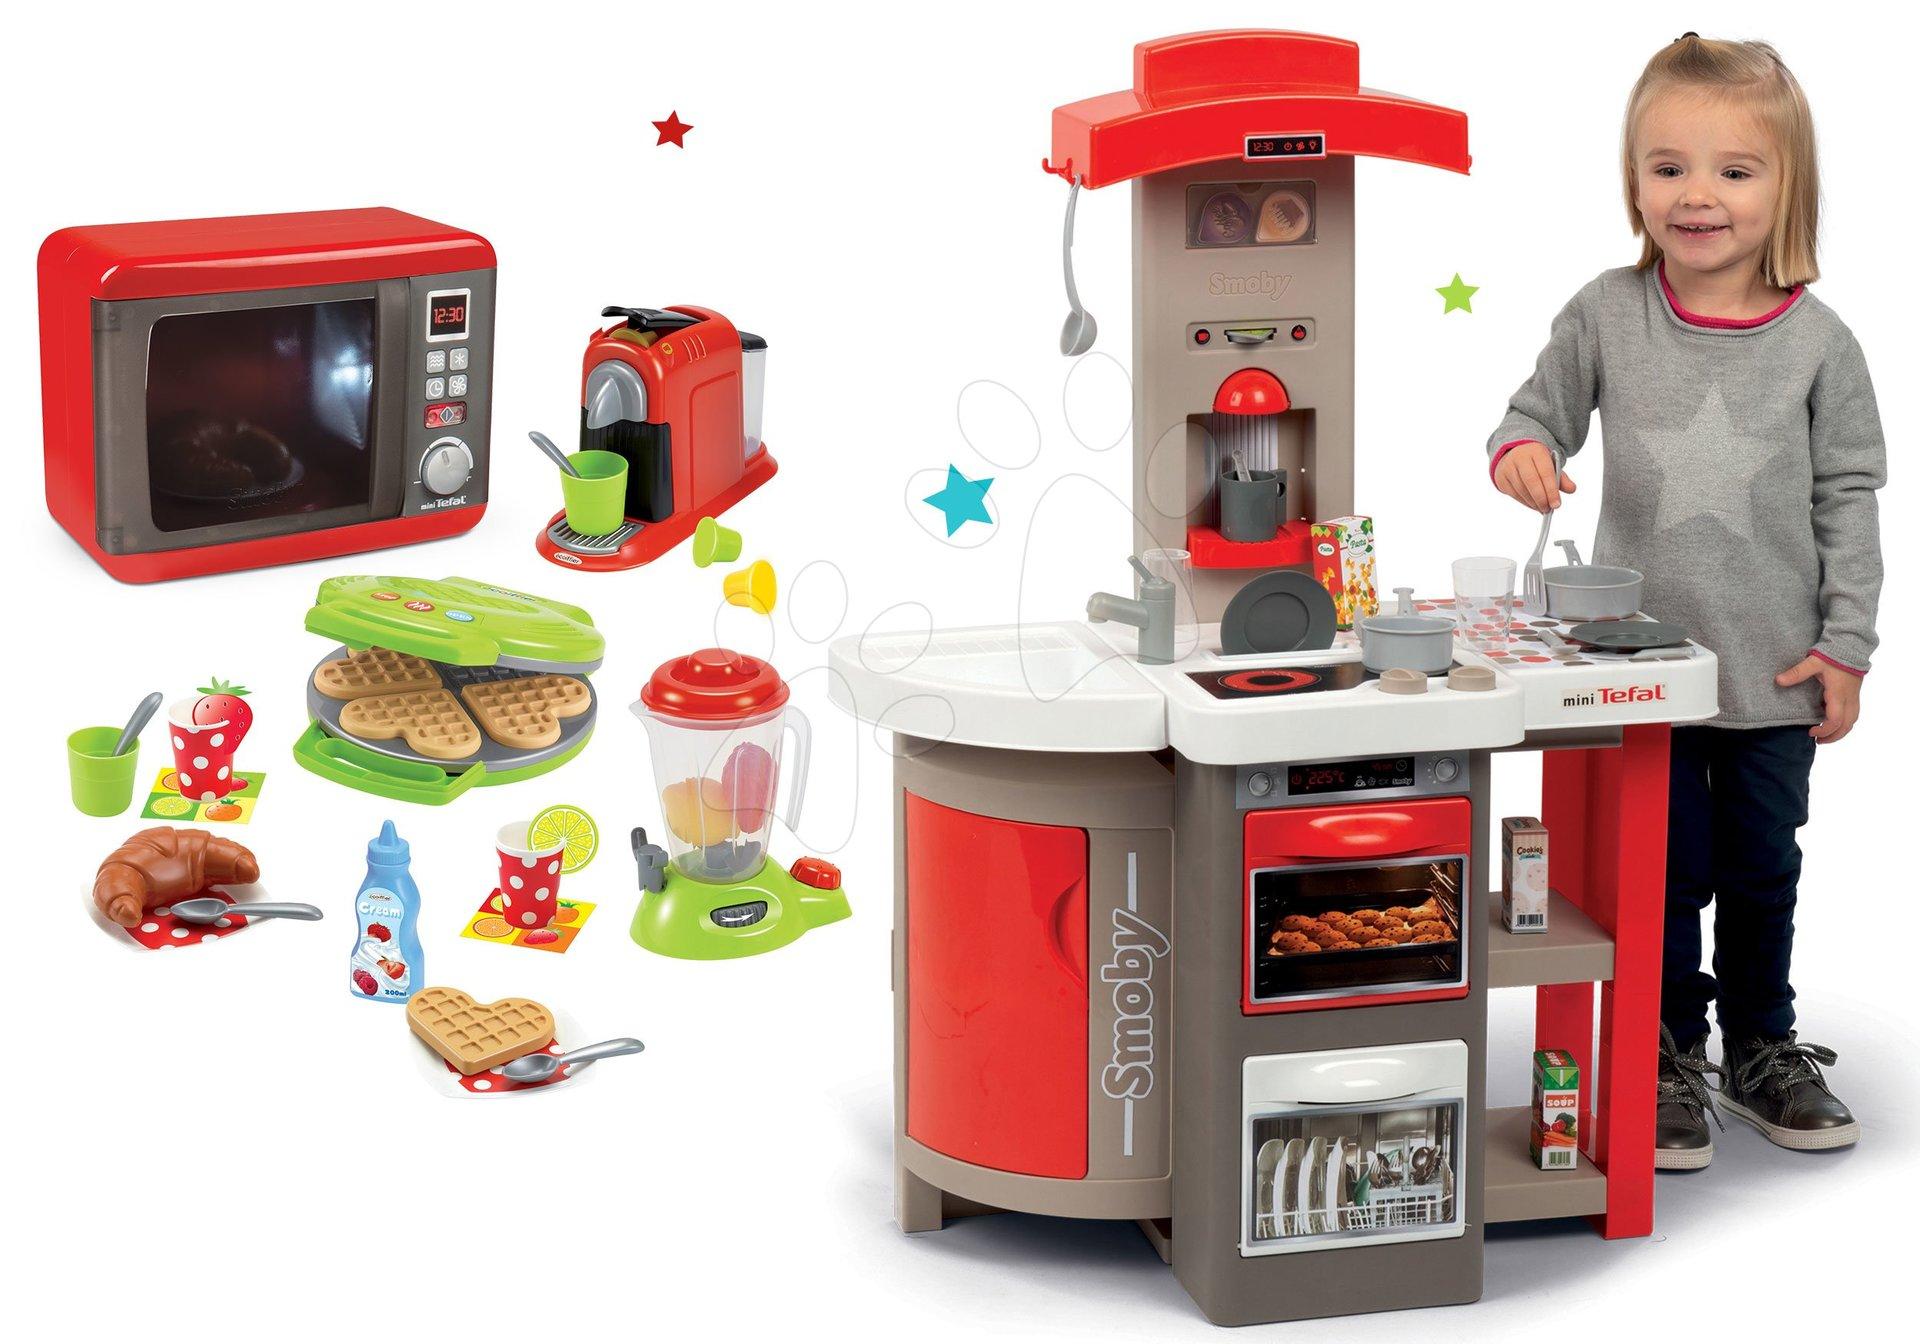 Set crvena sklopiva kuhinja Tefal Opencook Smoby s aparatom za kavu i hladnjakom i mikrovalna pećnica te aparat za vafle s kuhinjskim uređajima i vaflima